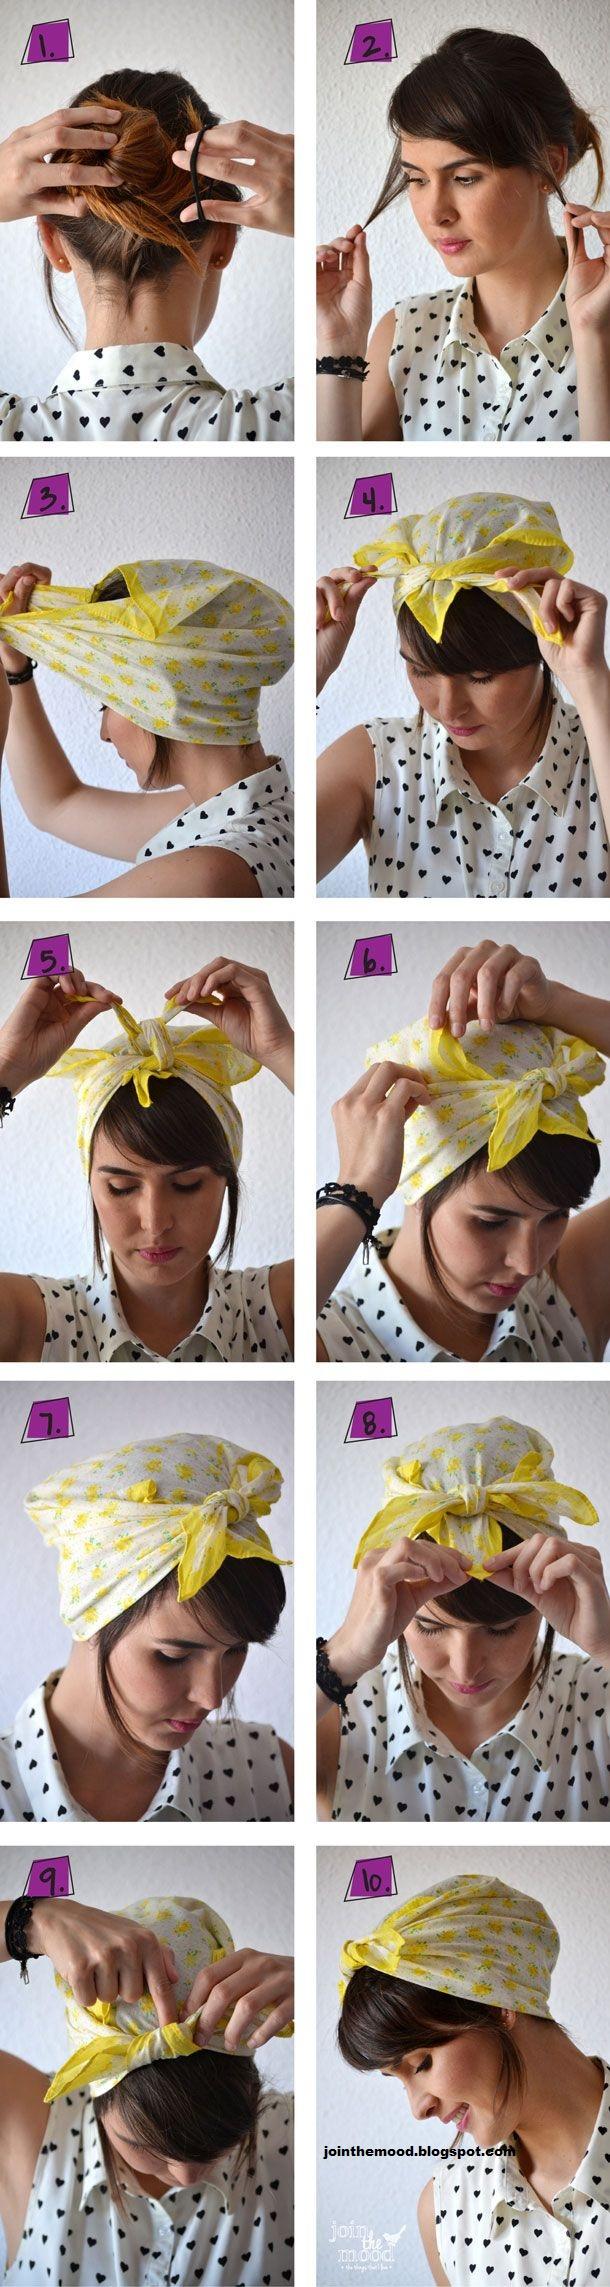 coiffure-foulard-13